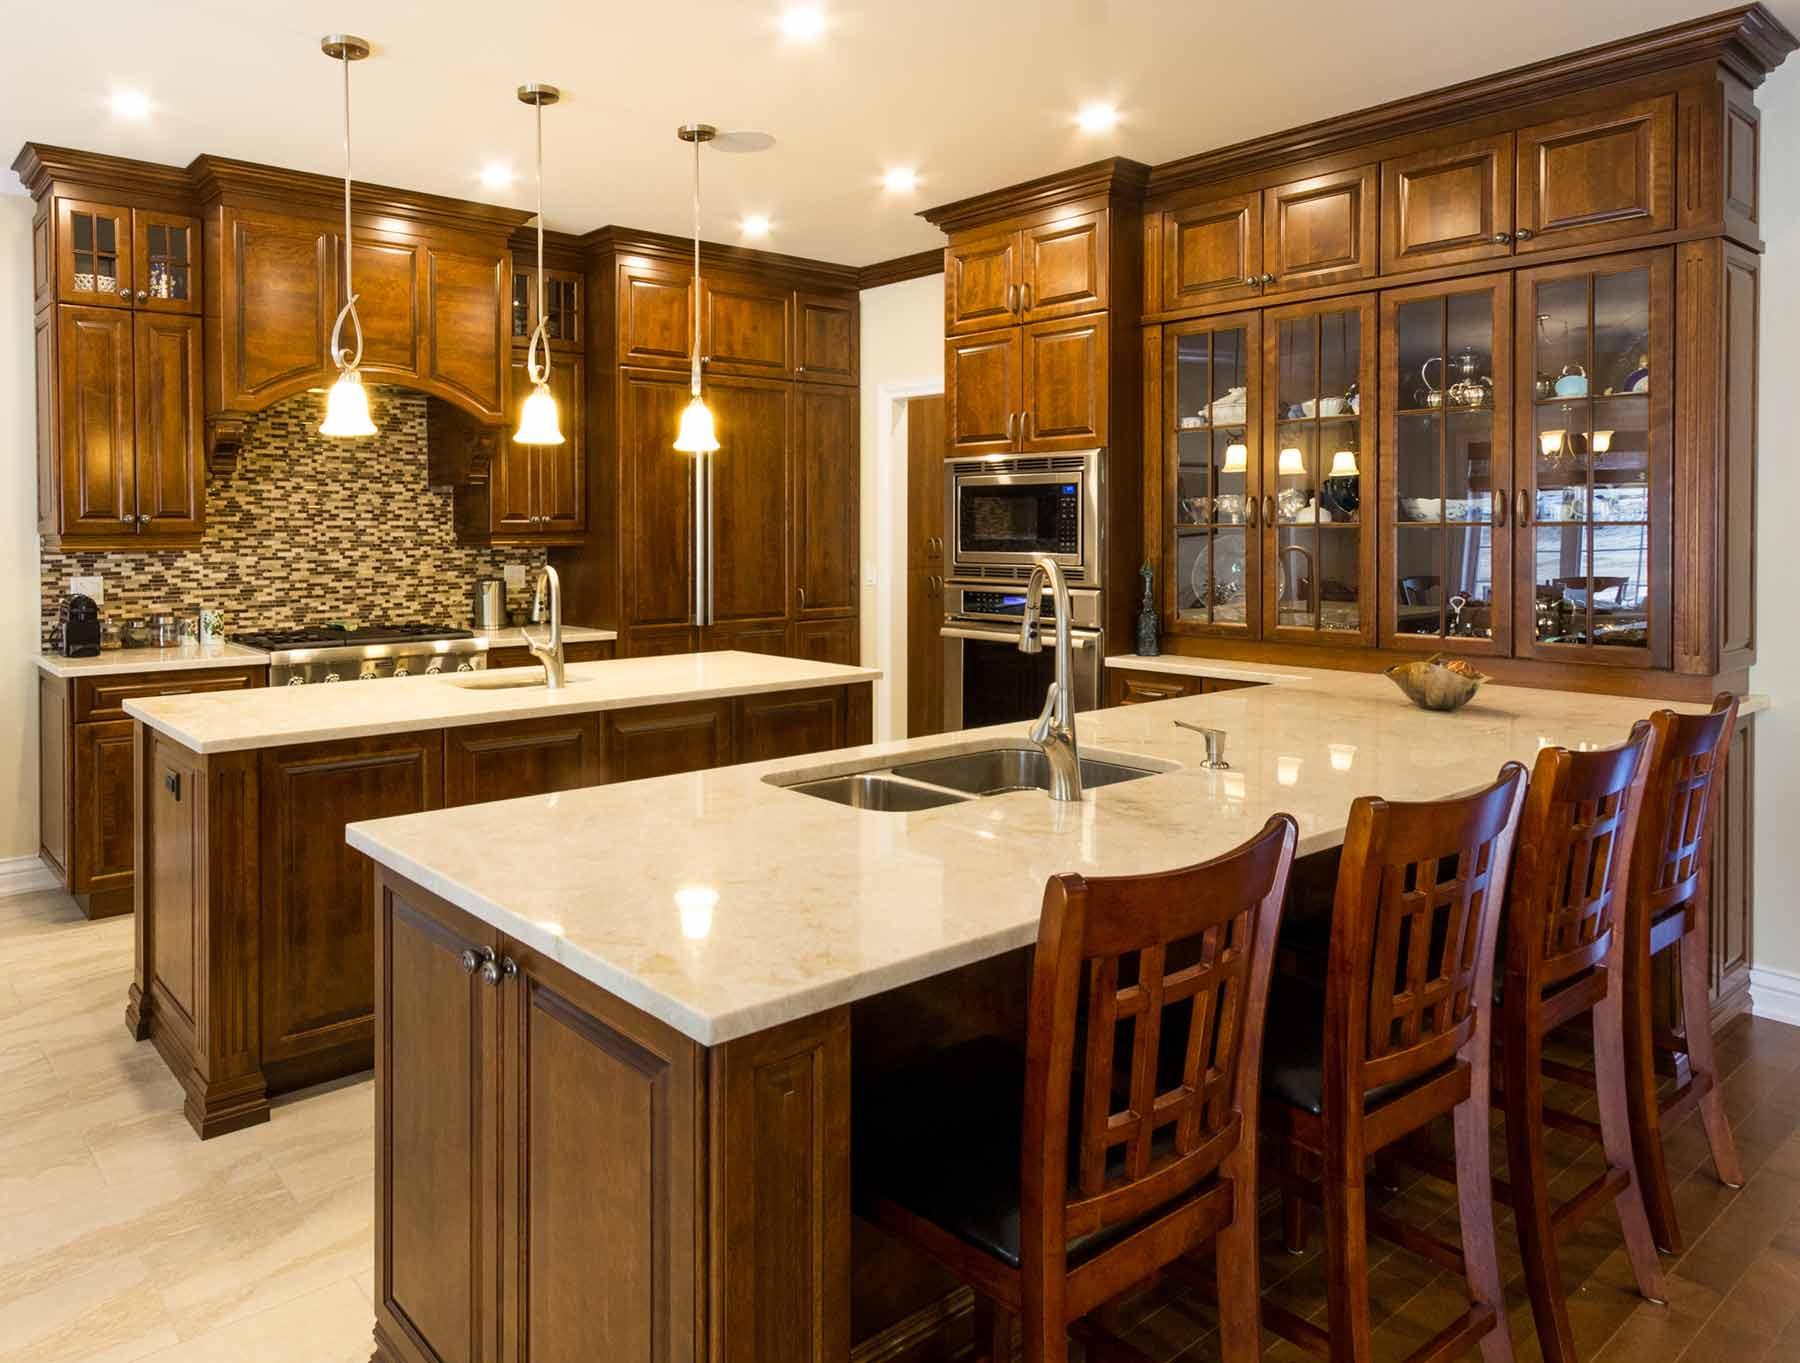 Rénovation d'une cuisine en bois